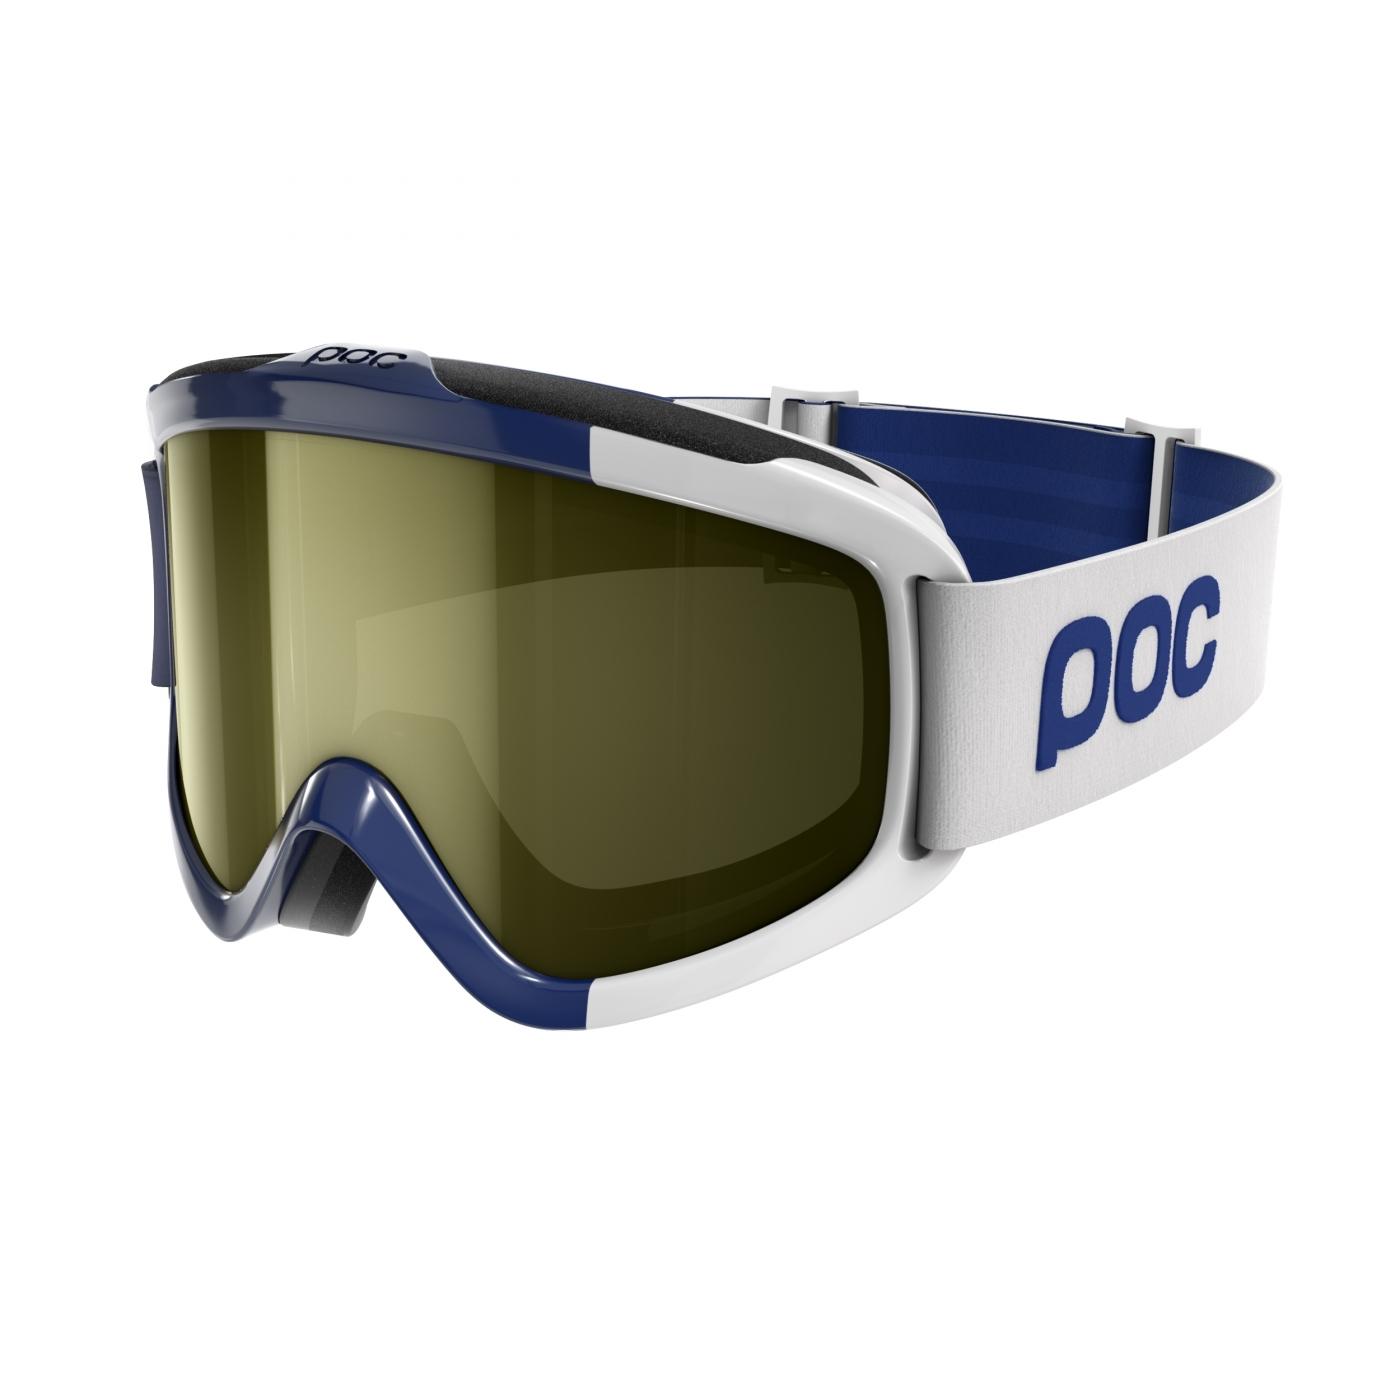 3651994a48ced5 Masque De Ski Poc Iris Comp Butylene Blue   Alltricks.com